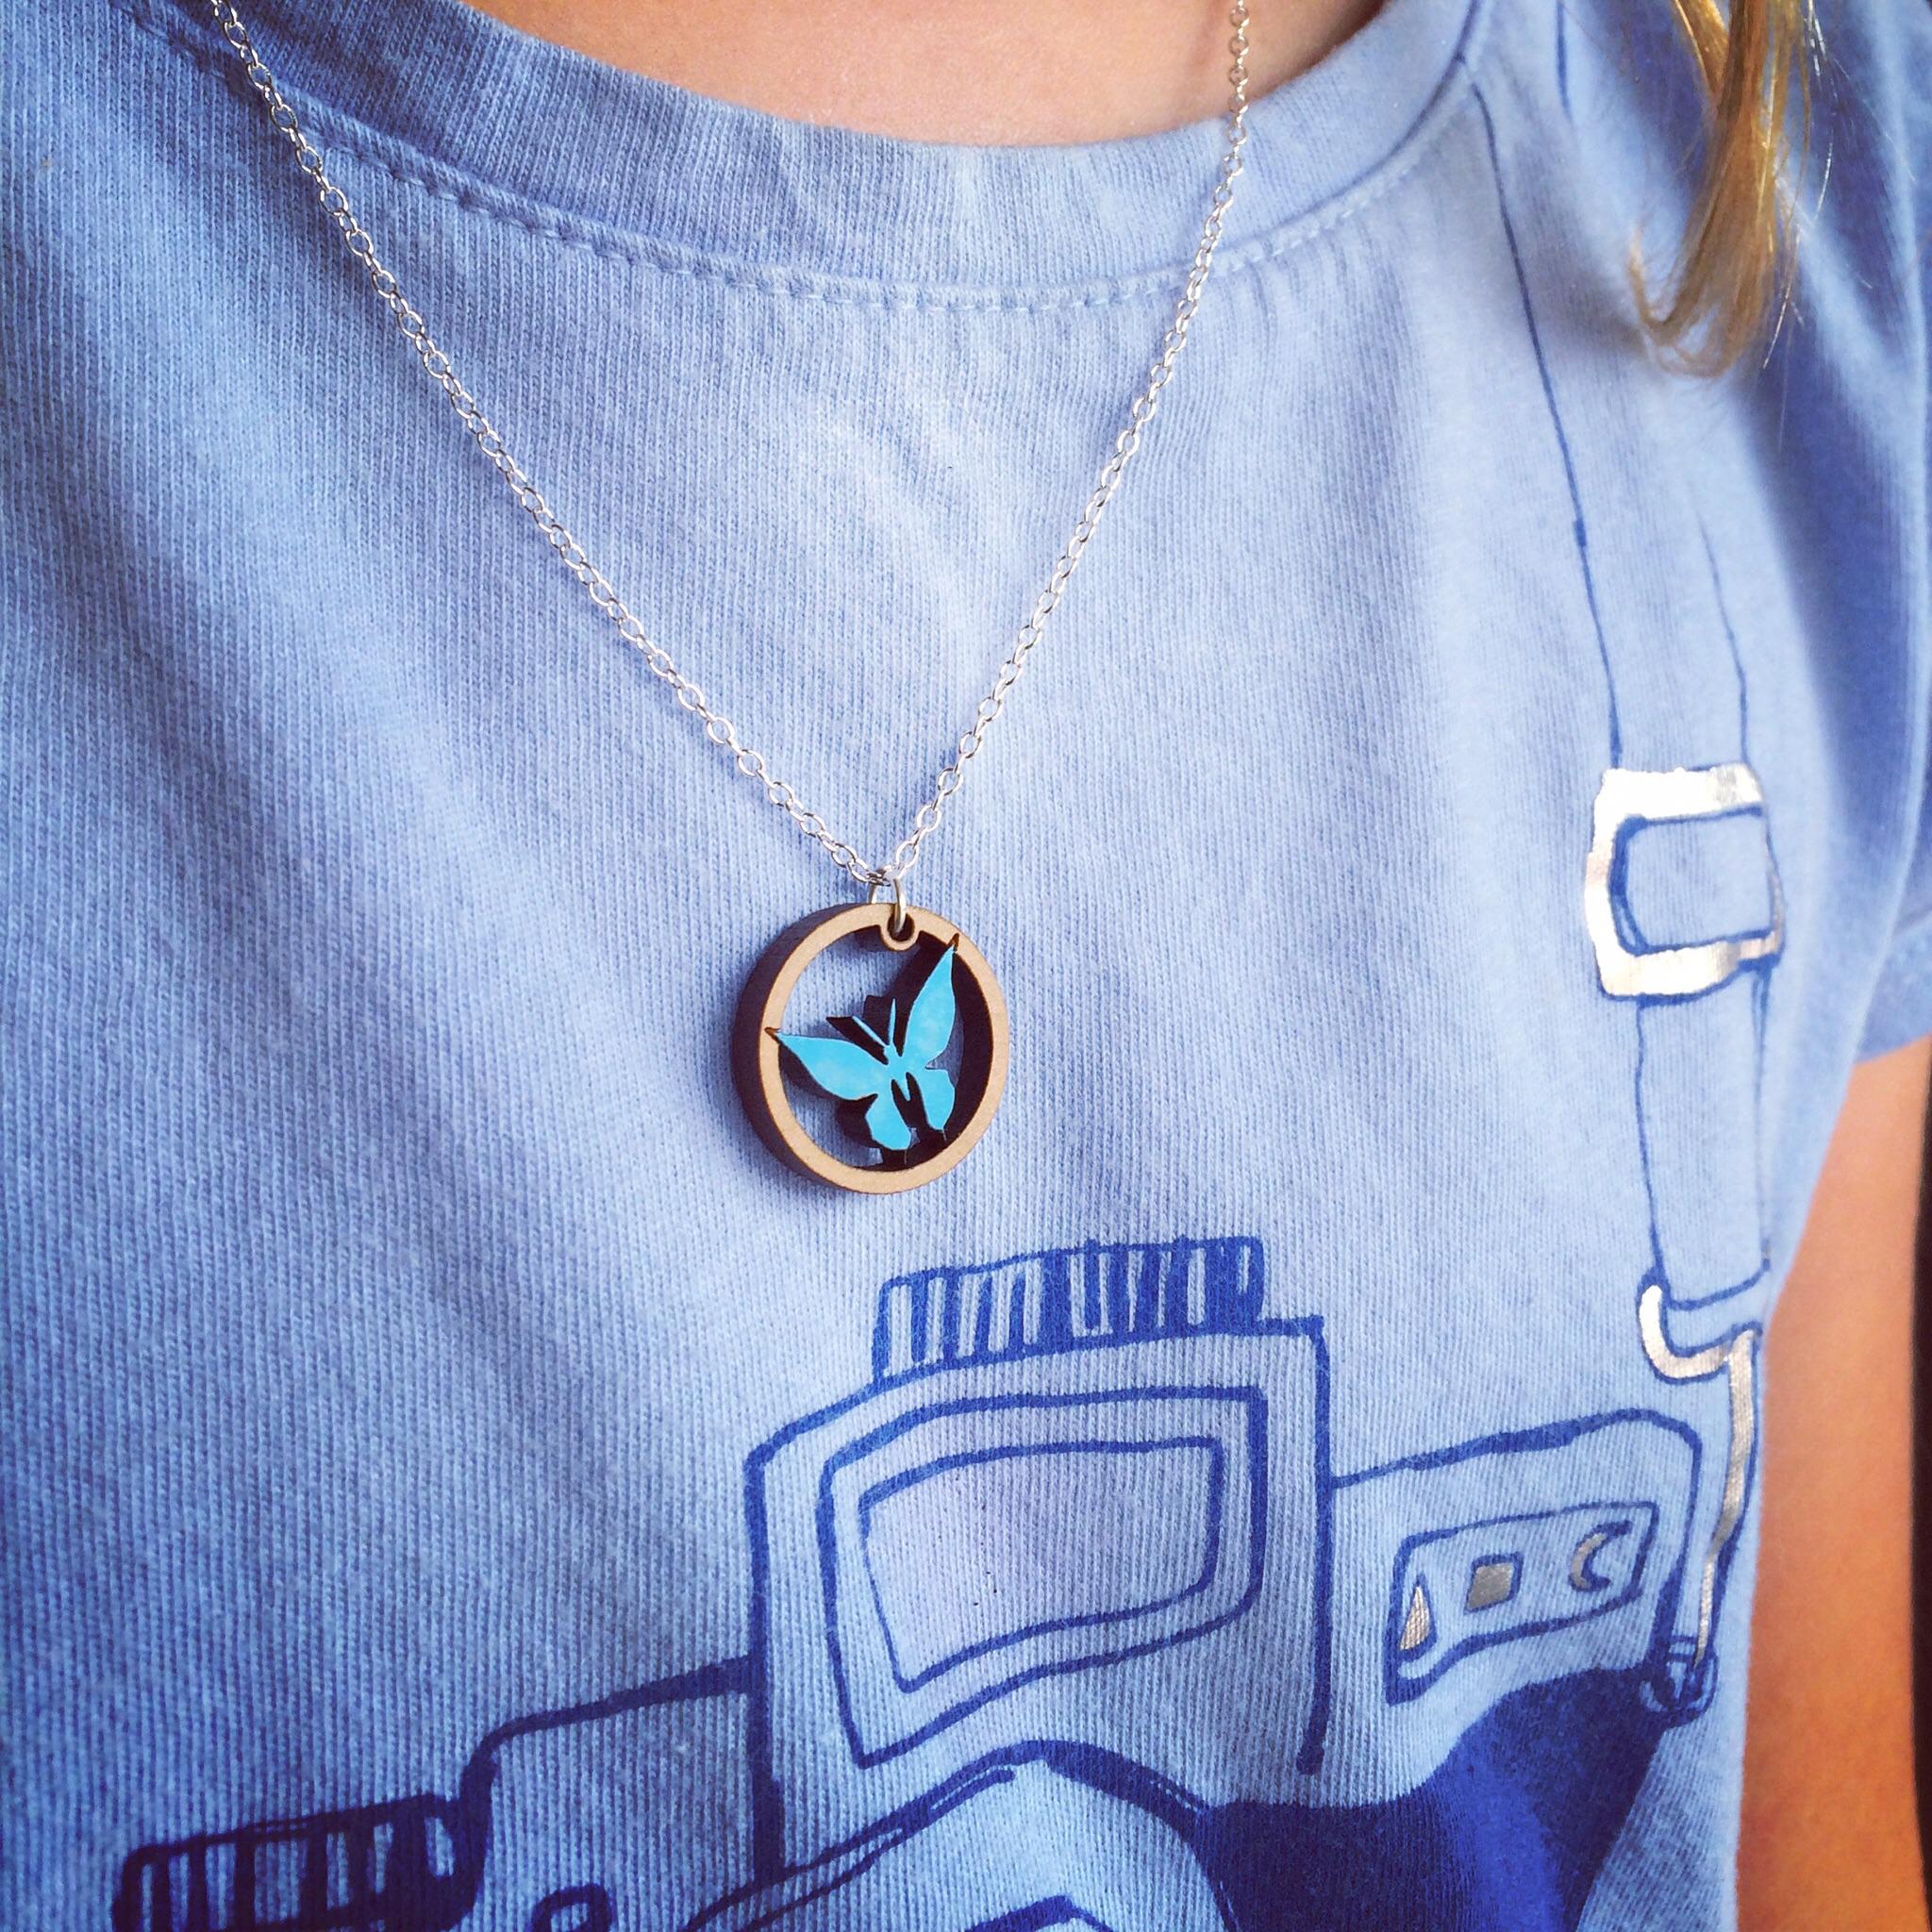 Blue butterfly pendant!